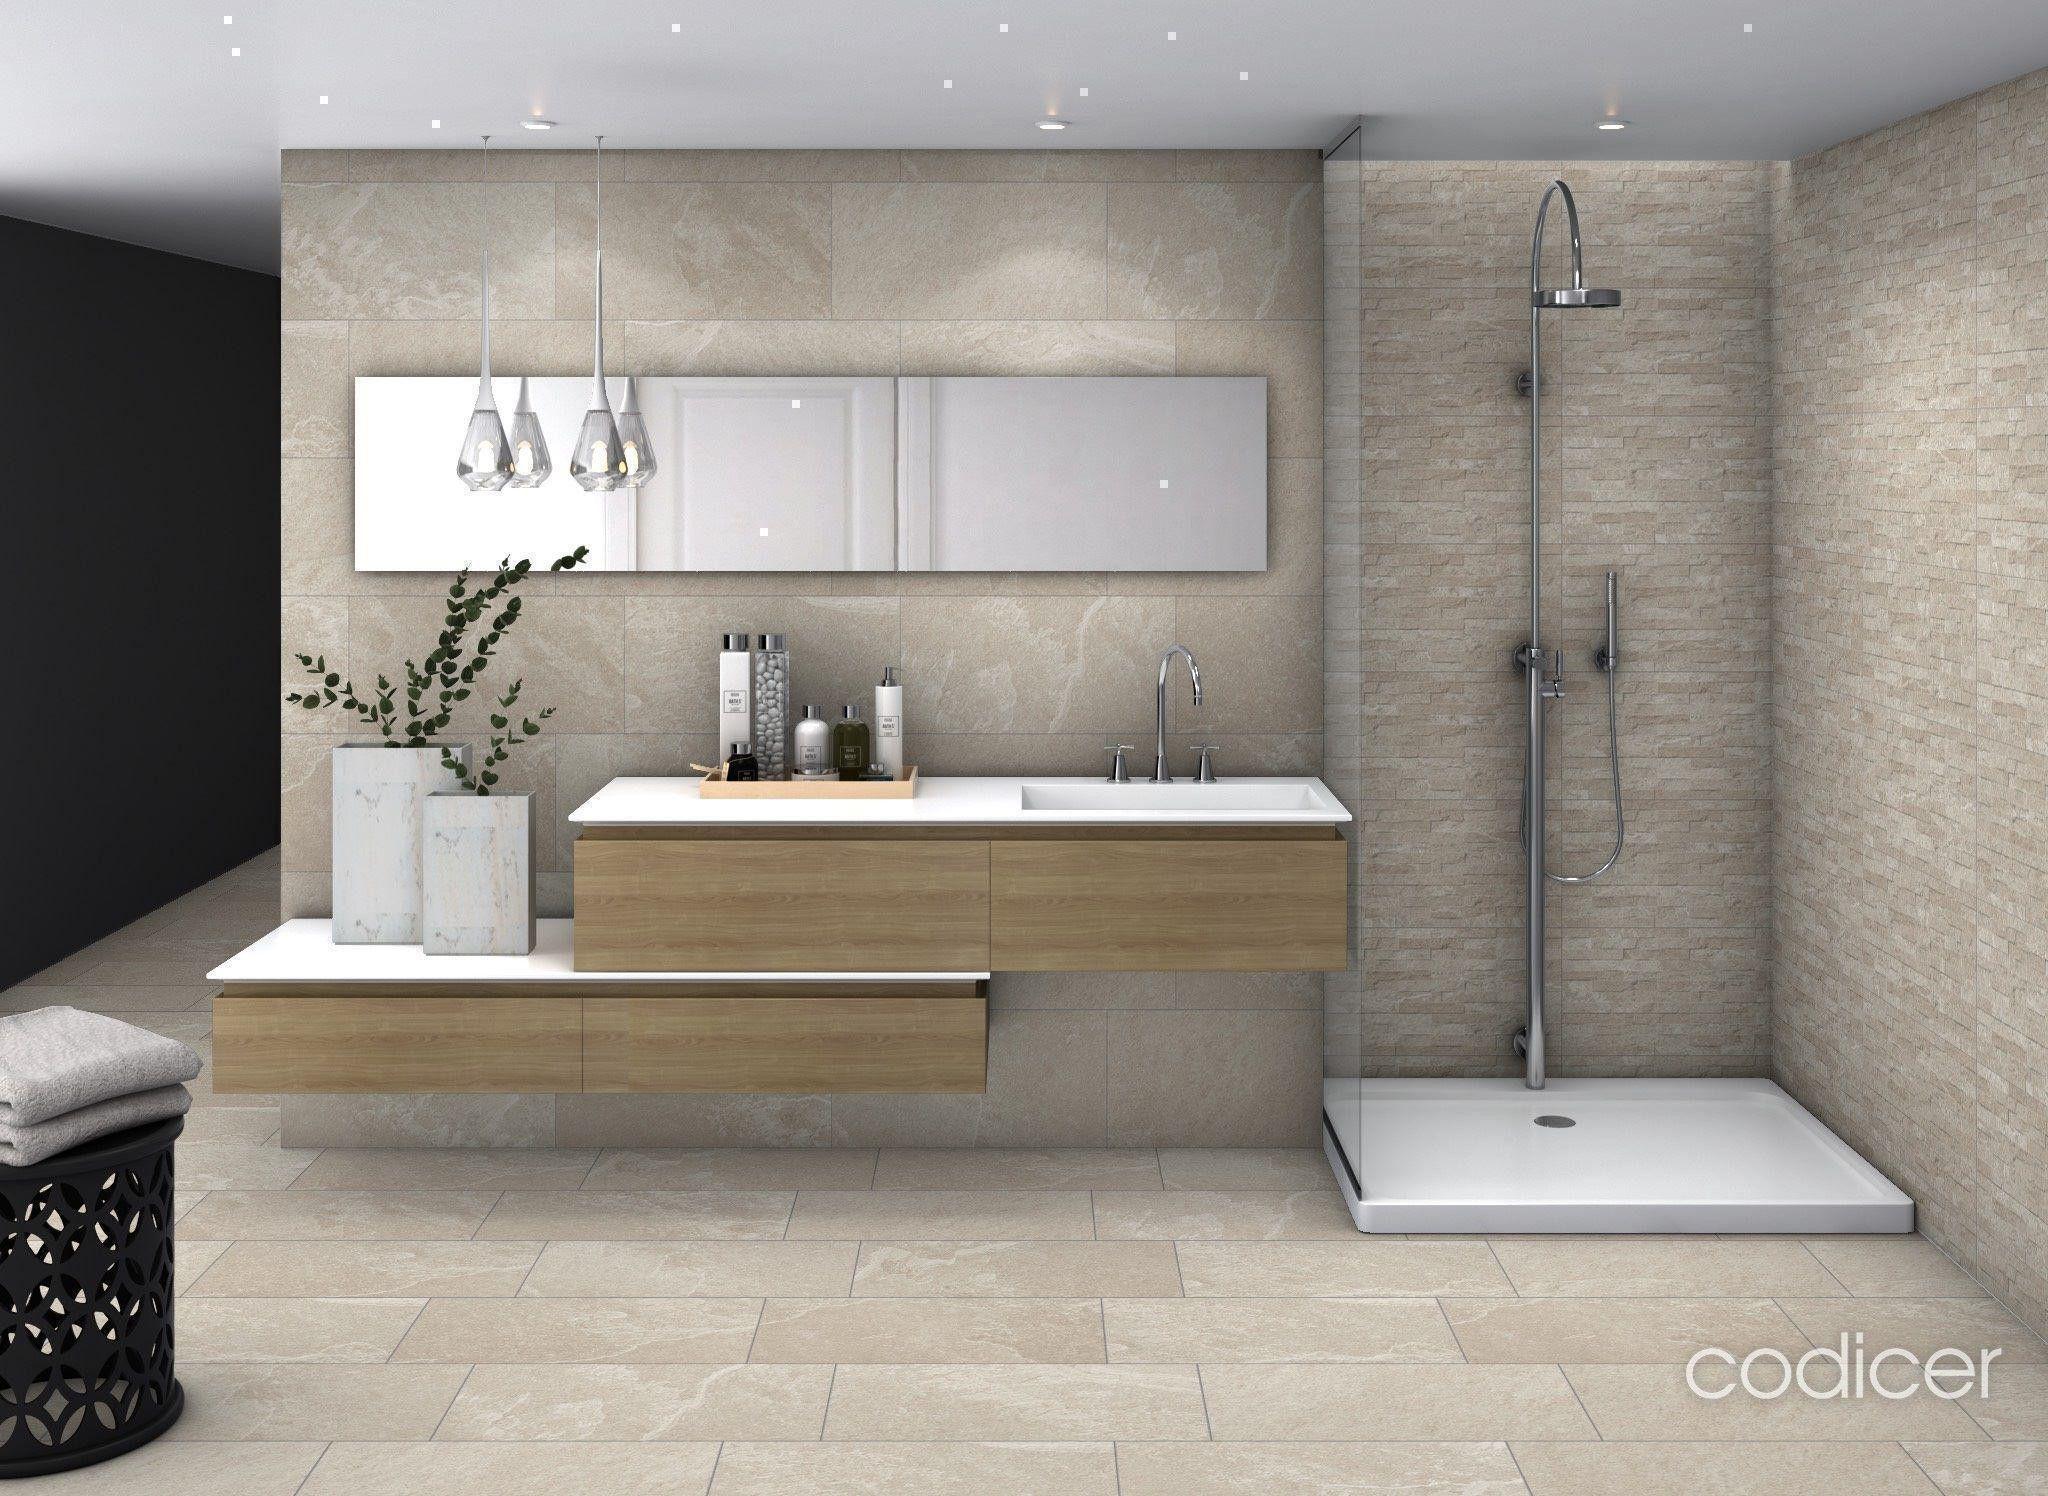 Imagen sobre Baño minimalista de Ceramhome en Baños ...